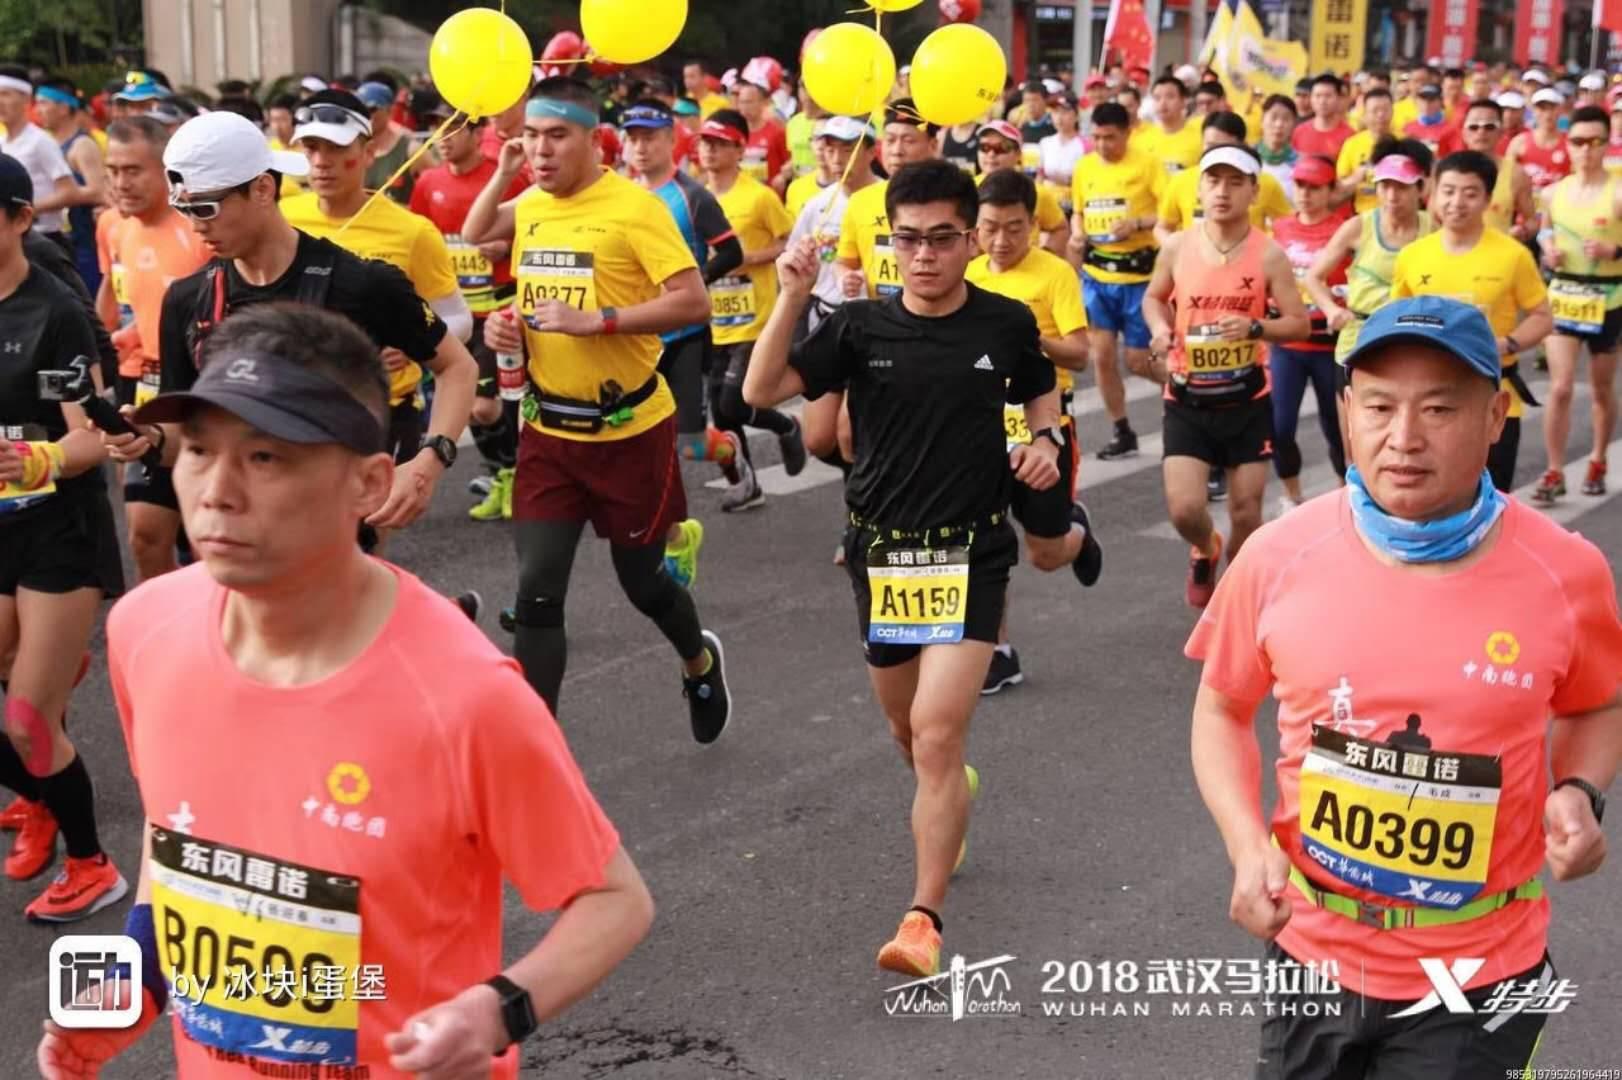 一位18次马拉松跑者的自白:坚持也是一种幸福!